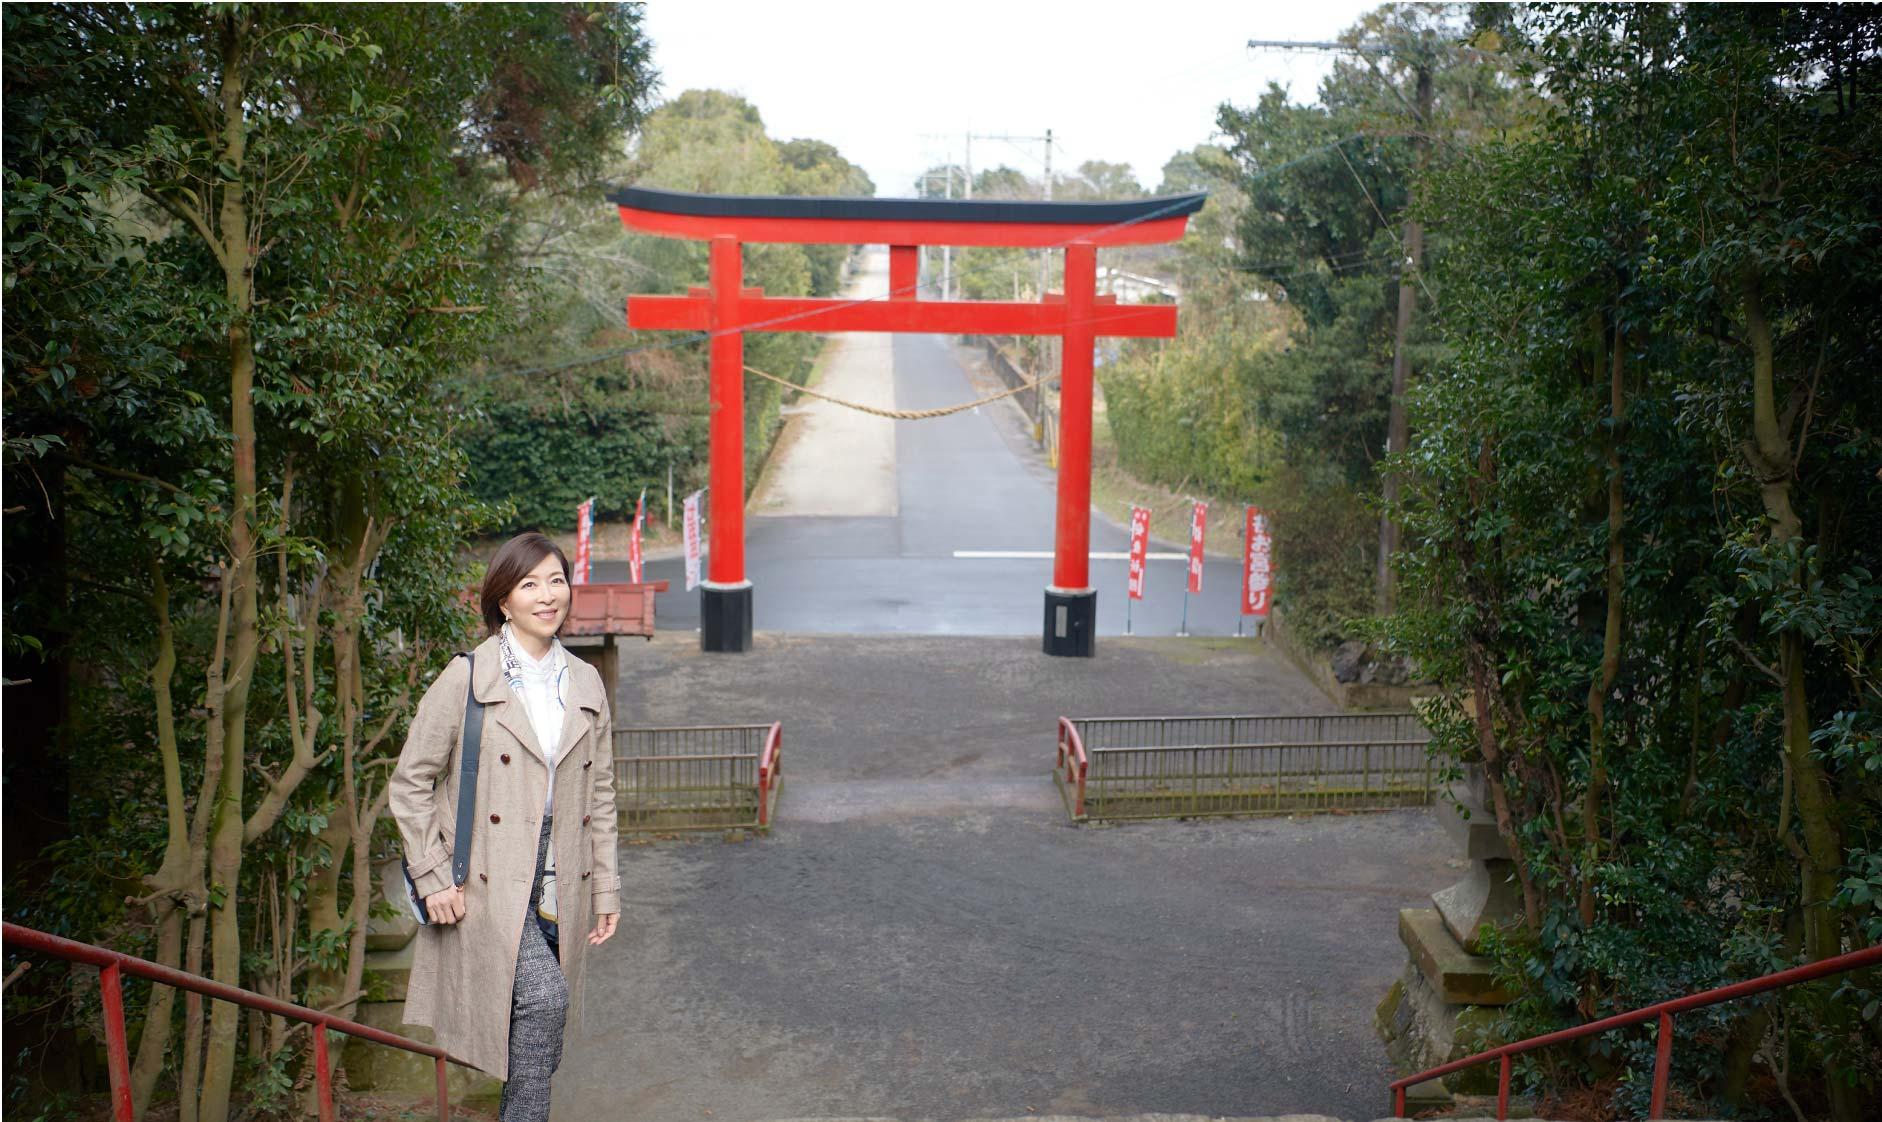 肝付町の町を歩く真矢ミキさん